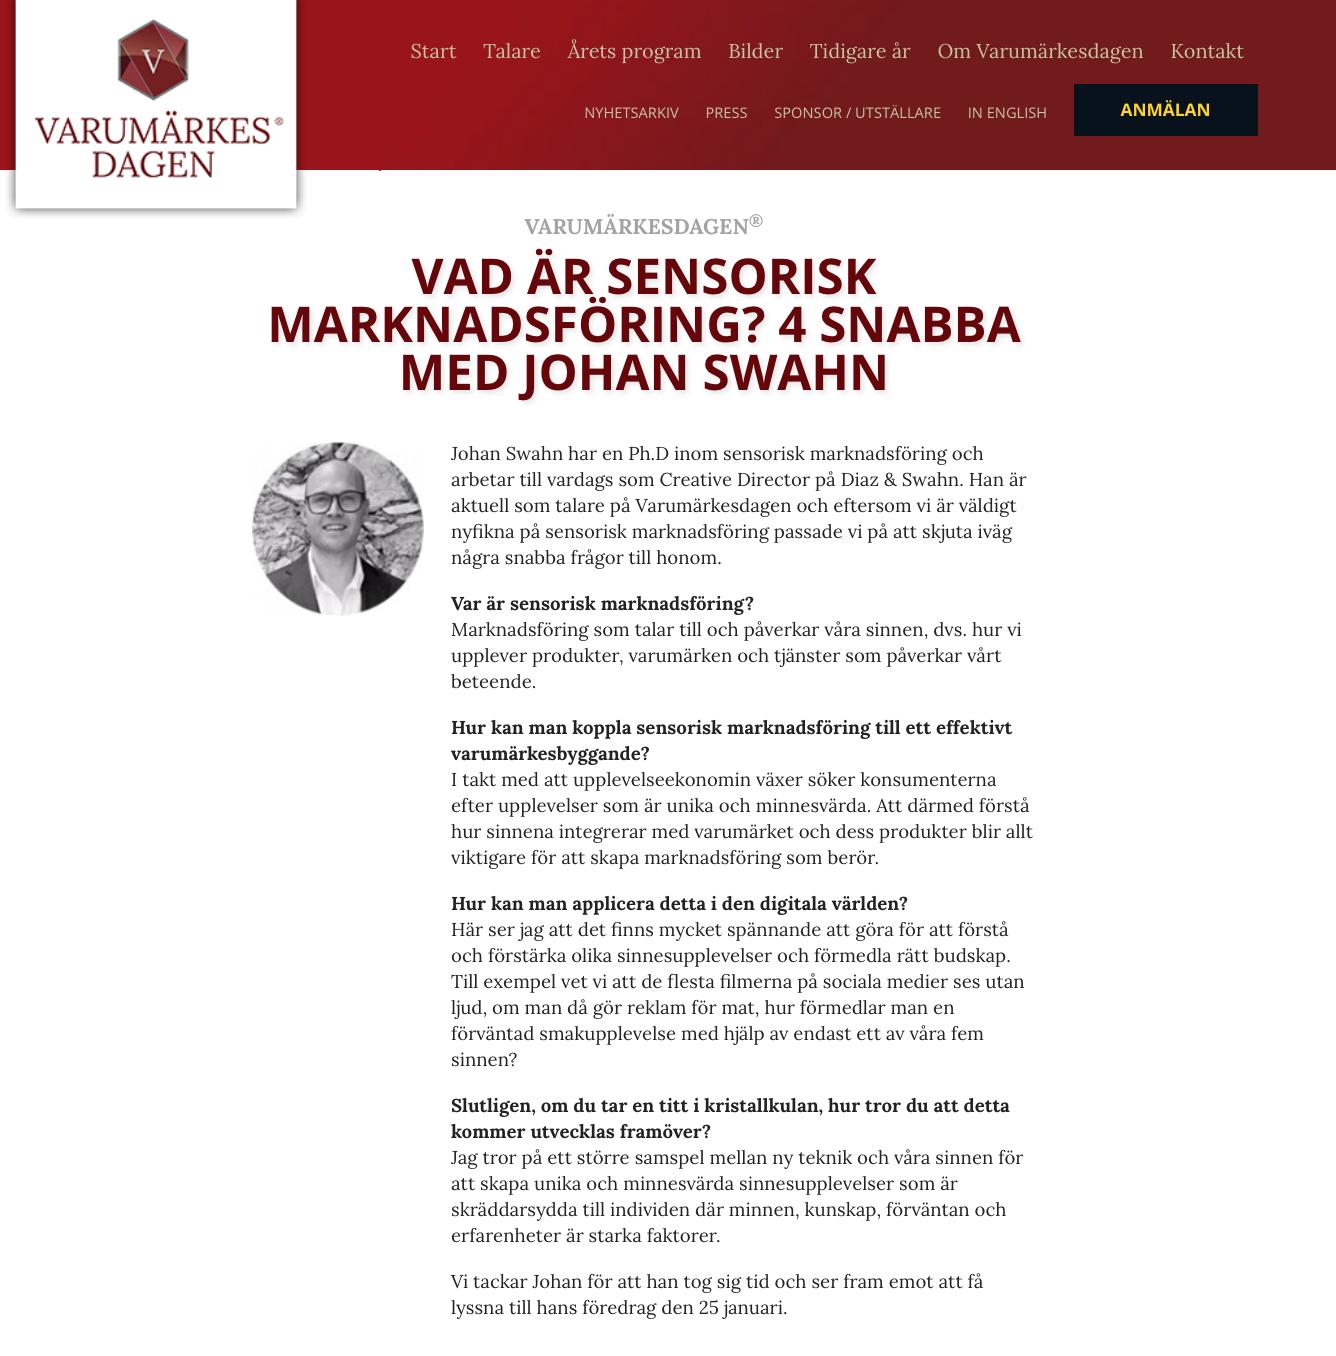 VARUMÄRKESDAGEN, Januari 2018